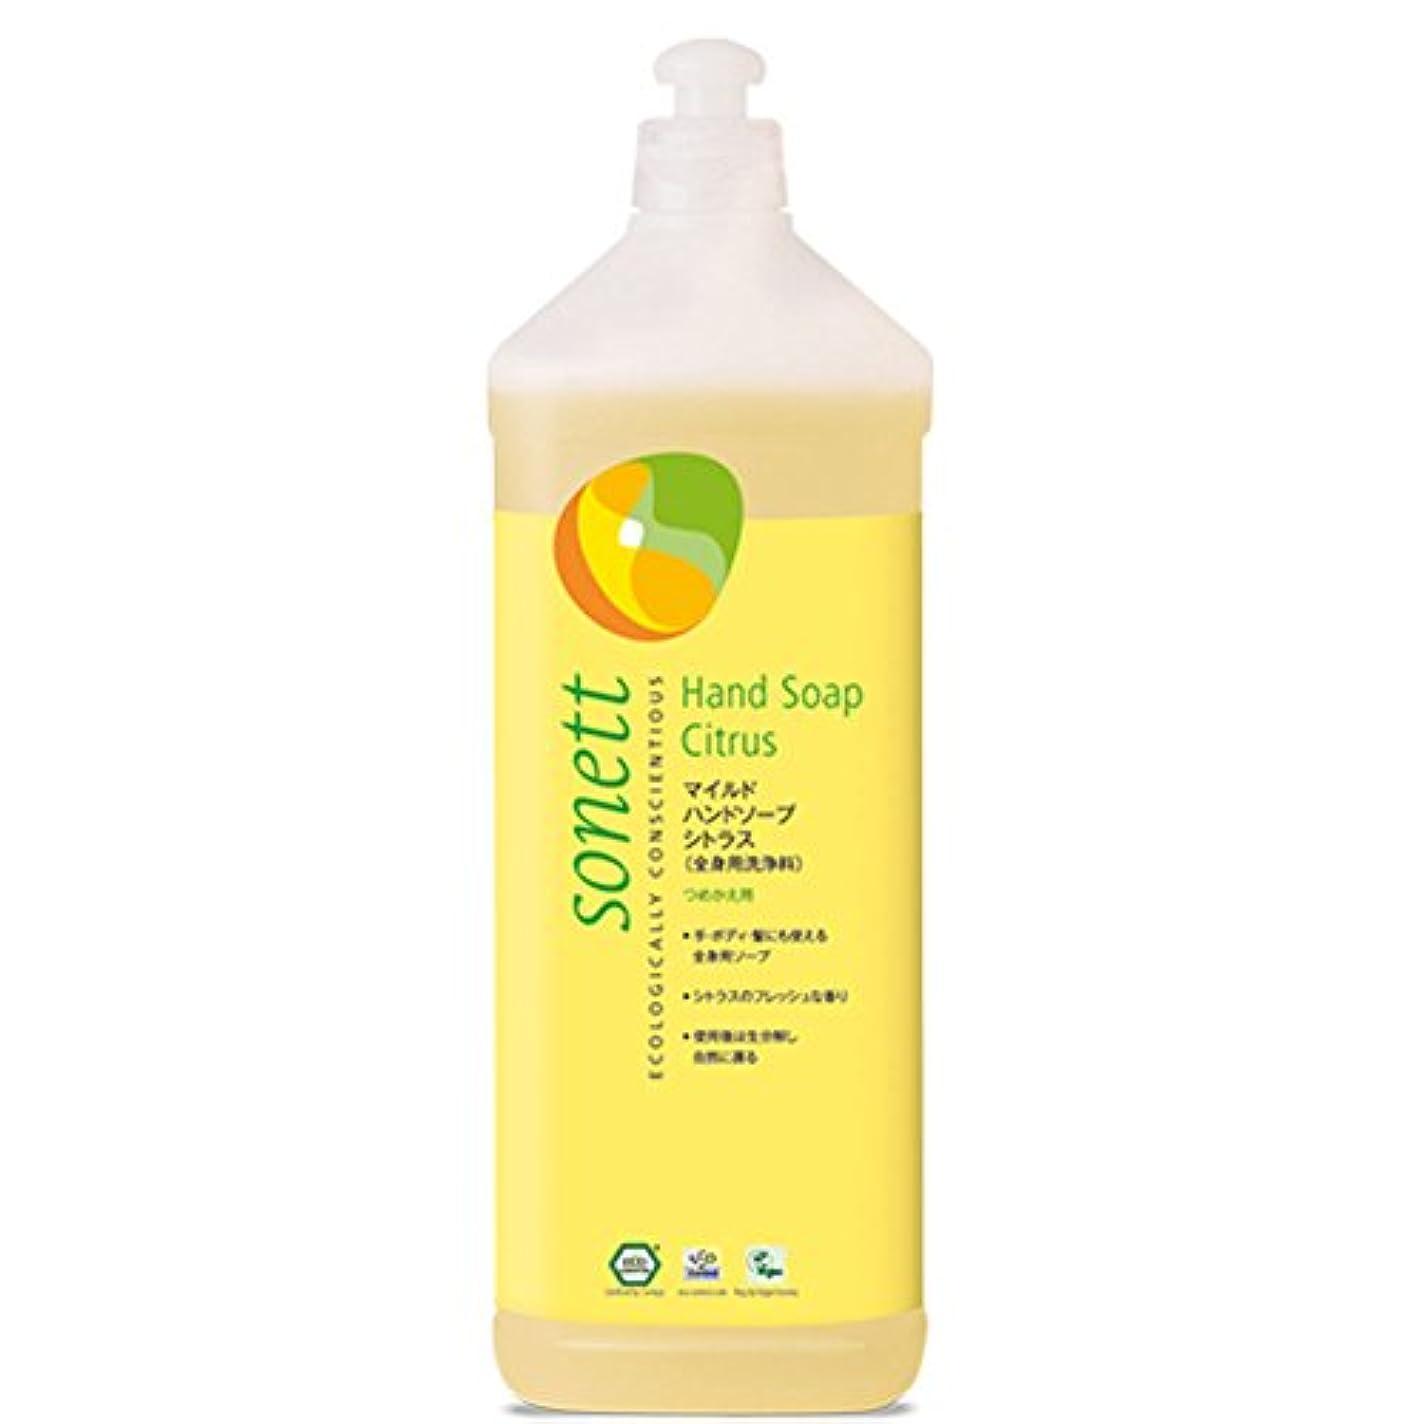 寝具バースト取り除くSONETT ( ソネット 洗剤 ) マイルドハンドソープ シトラス 1L  ( ボディー&ハンドソープ 全身 )